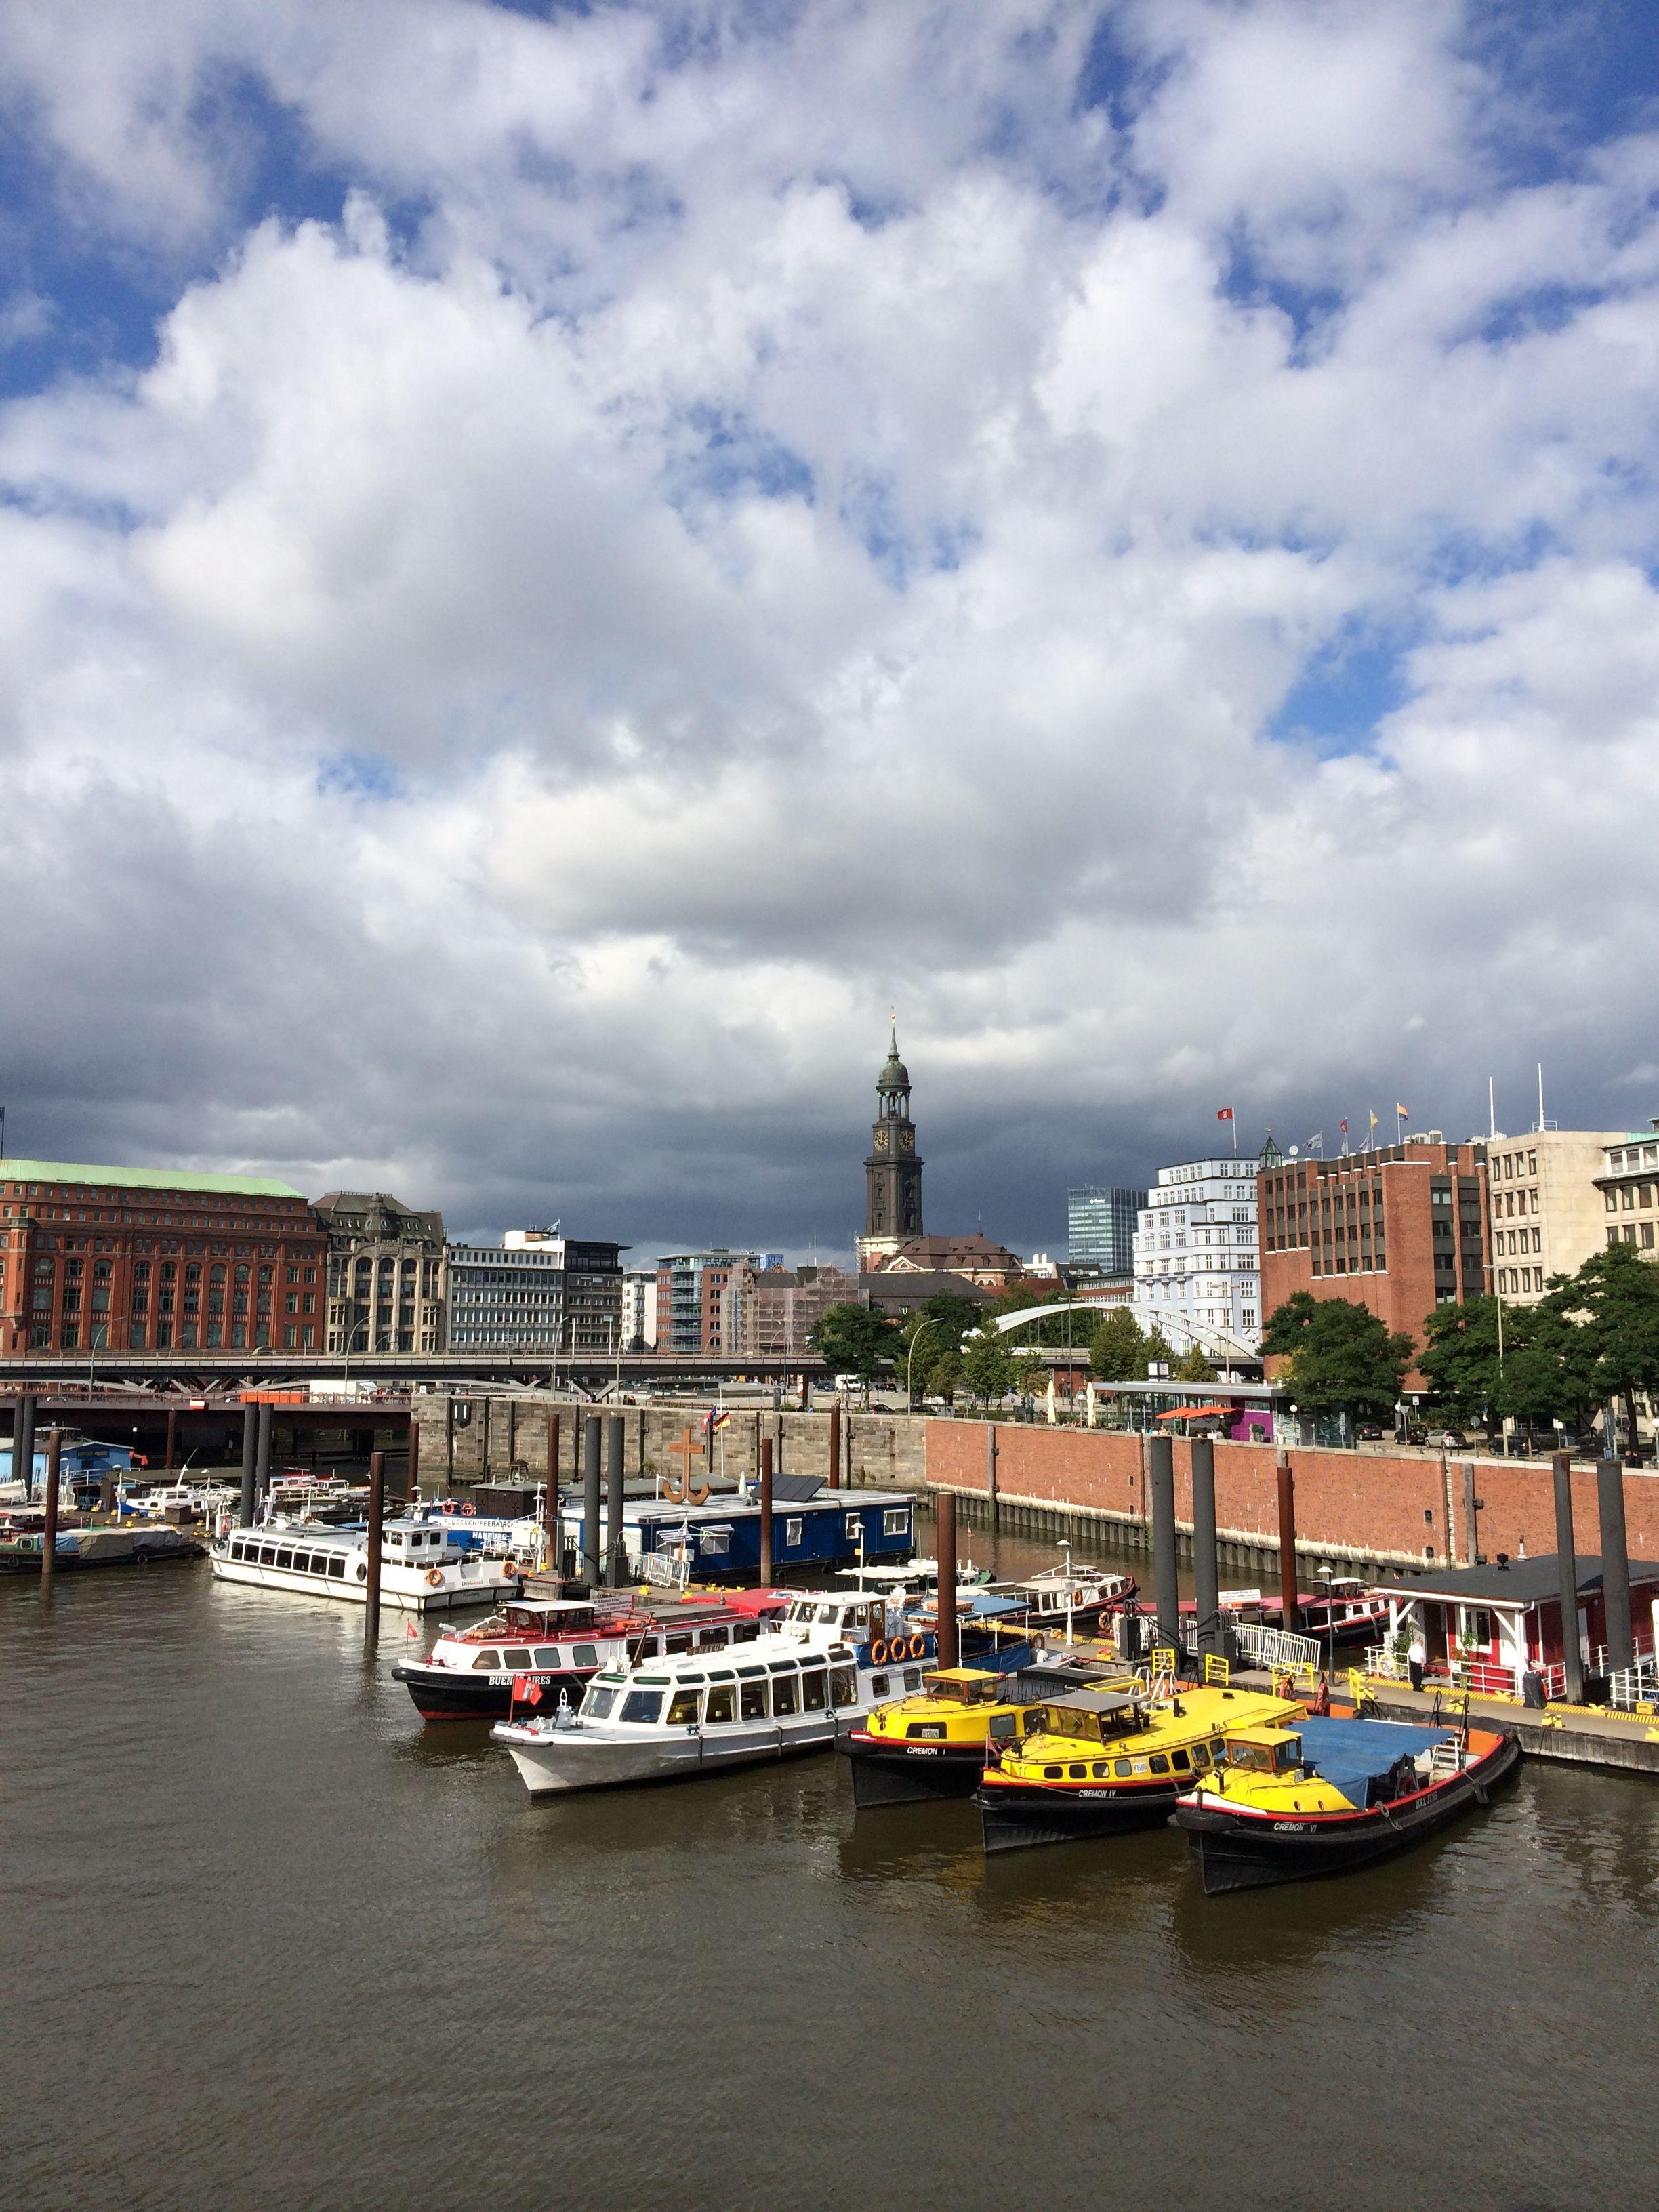 Am Hafen, Frähmcke | Hamburger Hafen | Hamburg und City